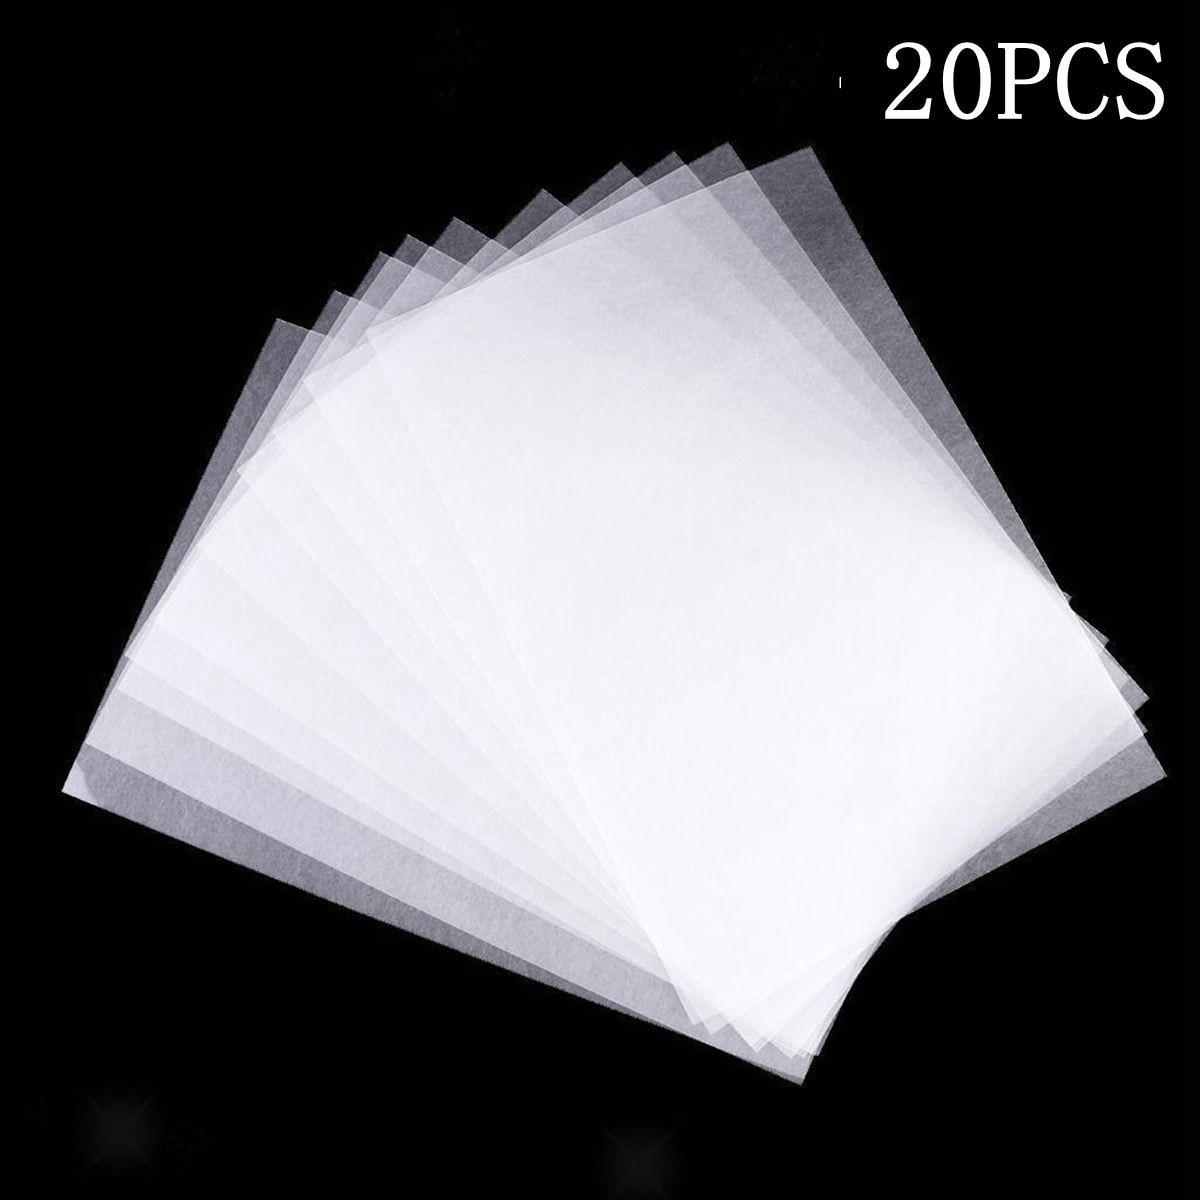 30 шт. 20x29см термоусадочные листы для бумаги, термоусадочная пленка, сделай сам, подвесное ювелирное изделие, школьные принадлежности, подаро...